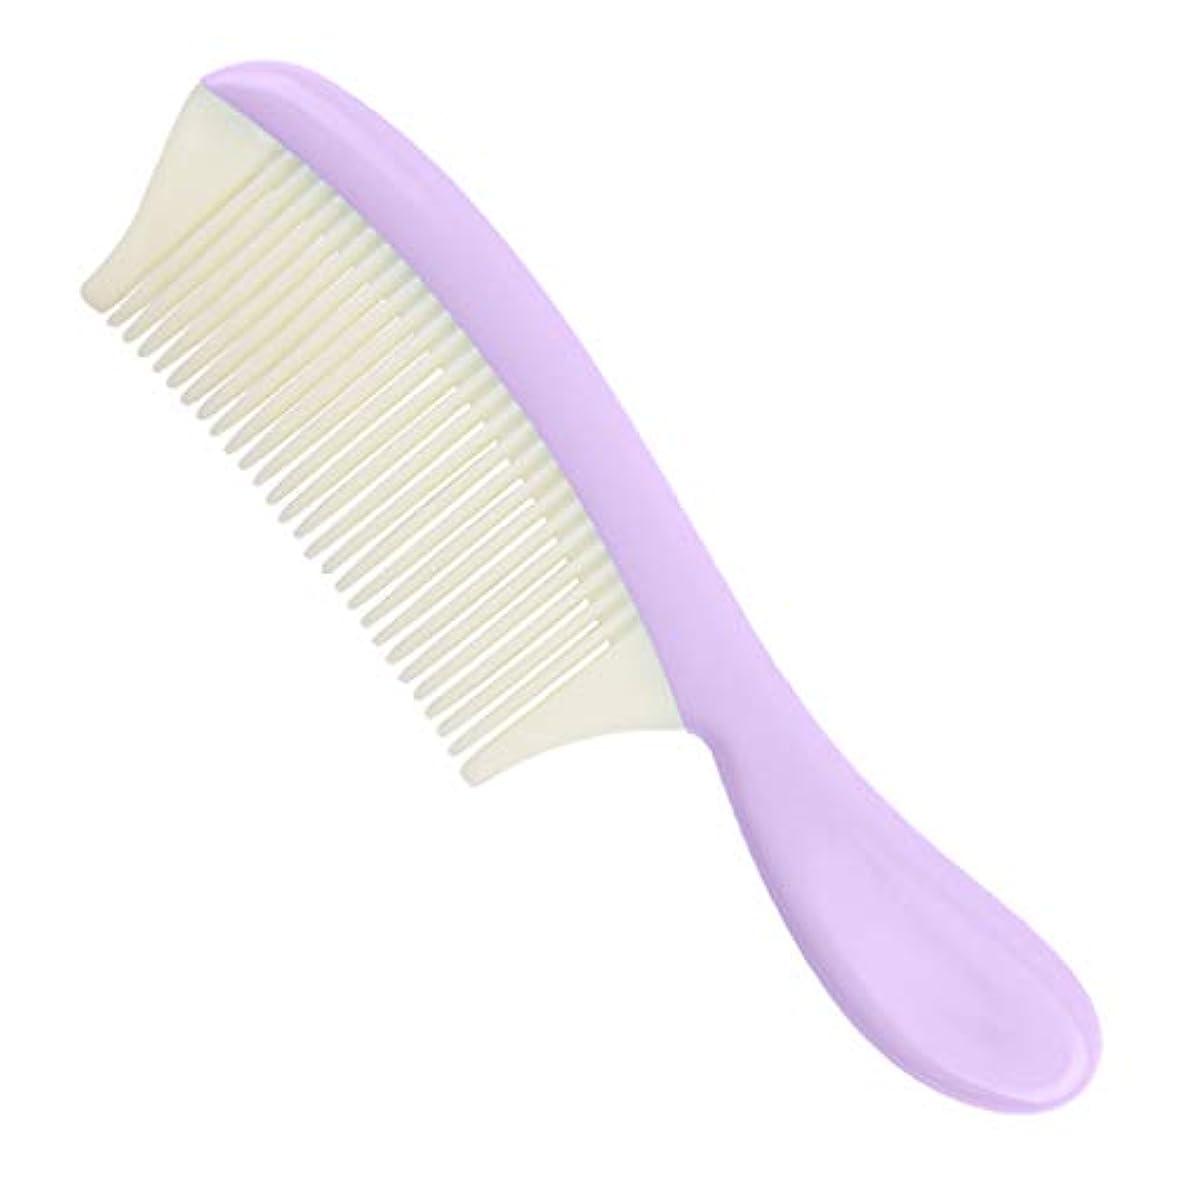 賞閲覧するペグgazechimp ヘアコーム 取り外し可能 細かい歯 ヘアブラシ 髪の櫛 全4色 - 紫